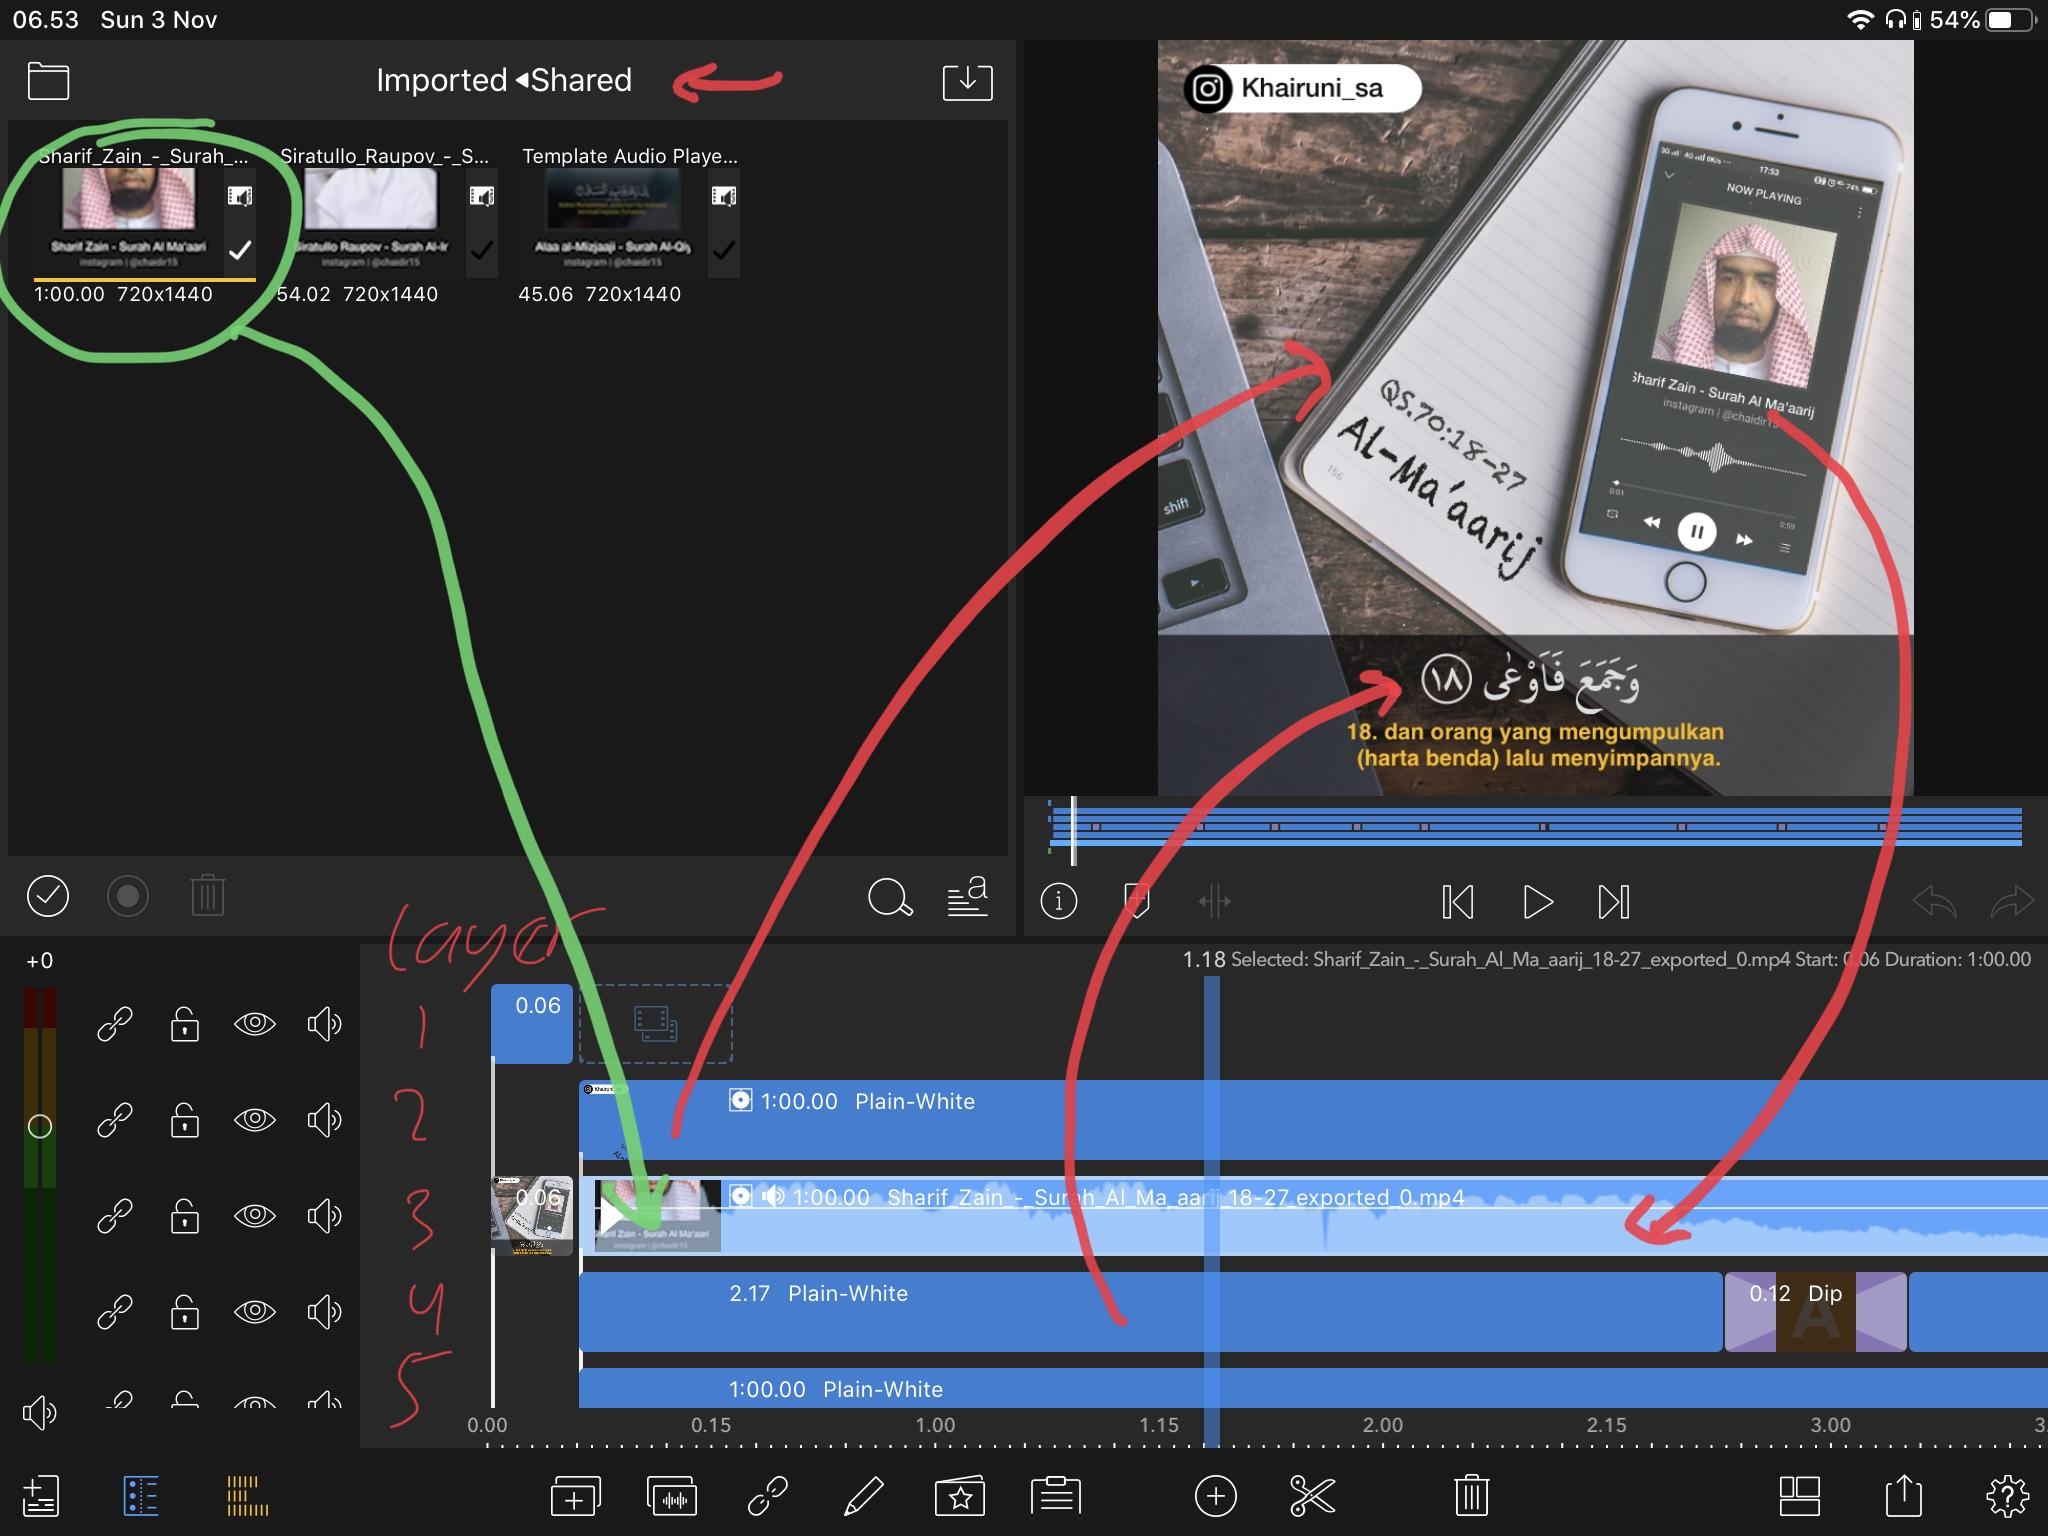 Cara membuat video instagram murottal iphone